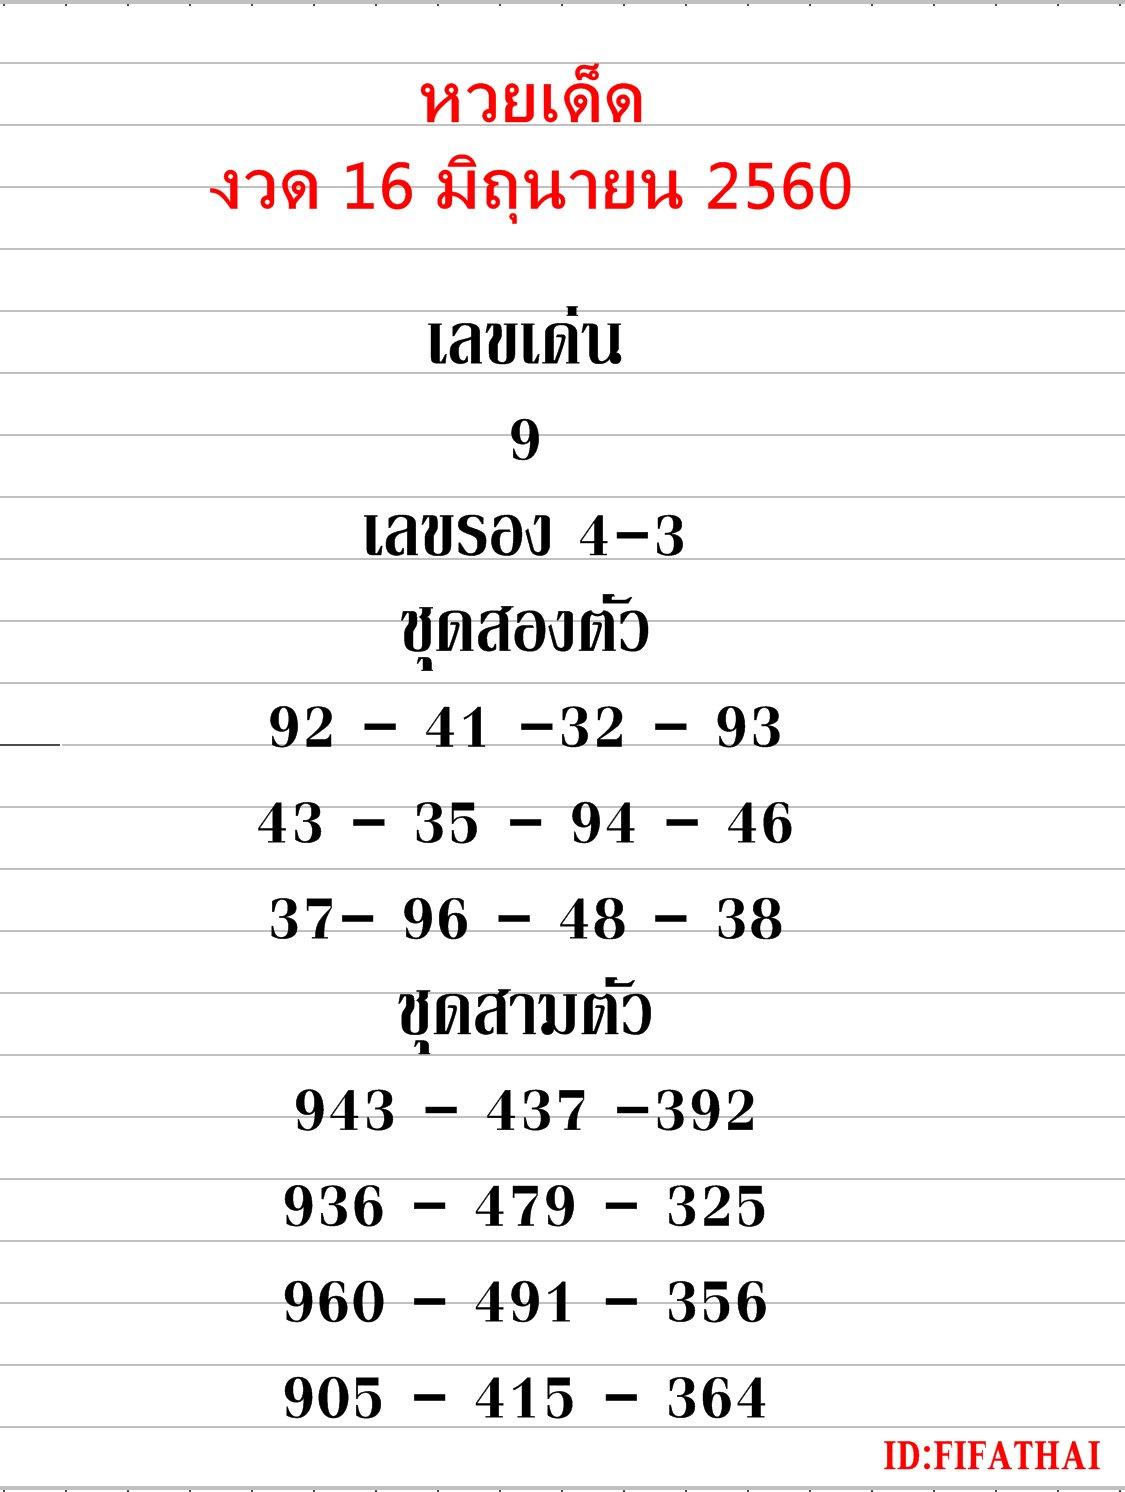 ข้อมูลเลขเด็ดงวดนี้ เซียนหวยใบ้เลขเด็ด งวด 16 มิถุนายน 2560